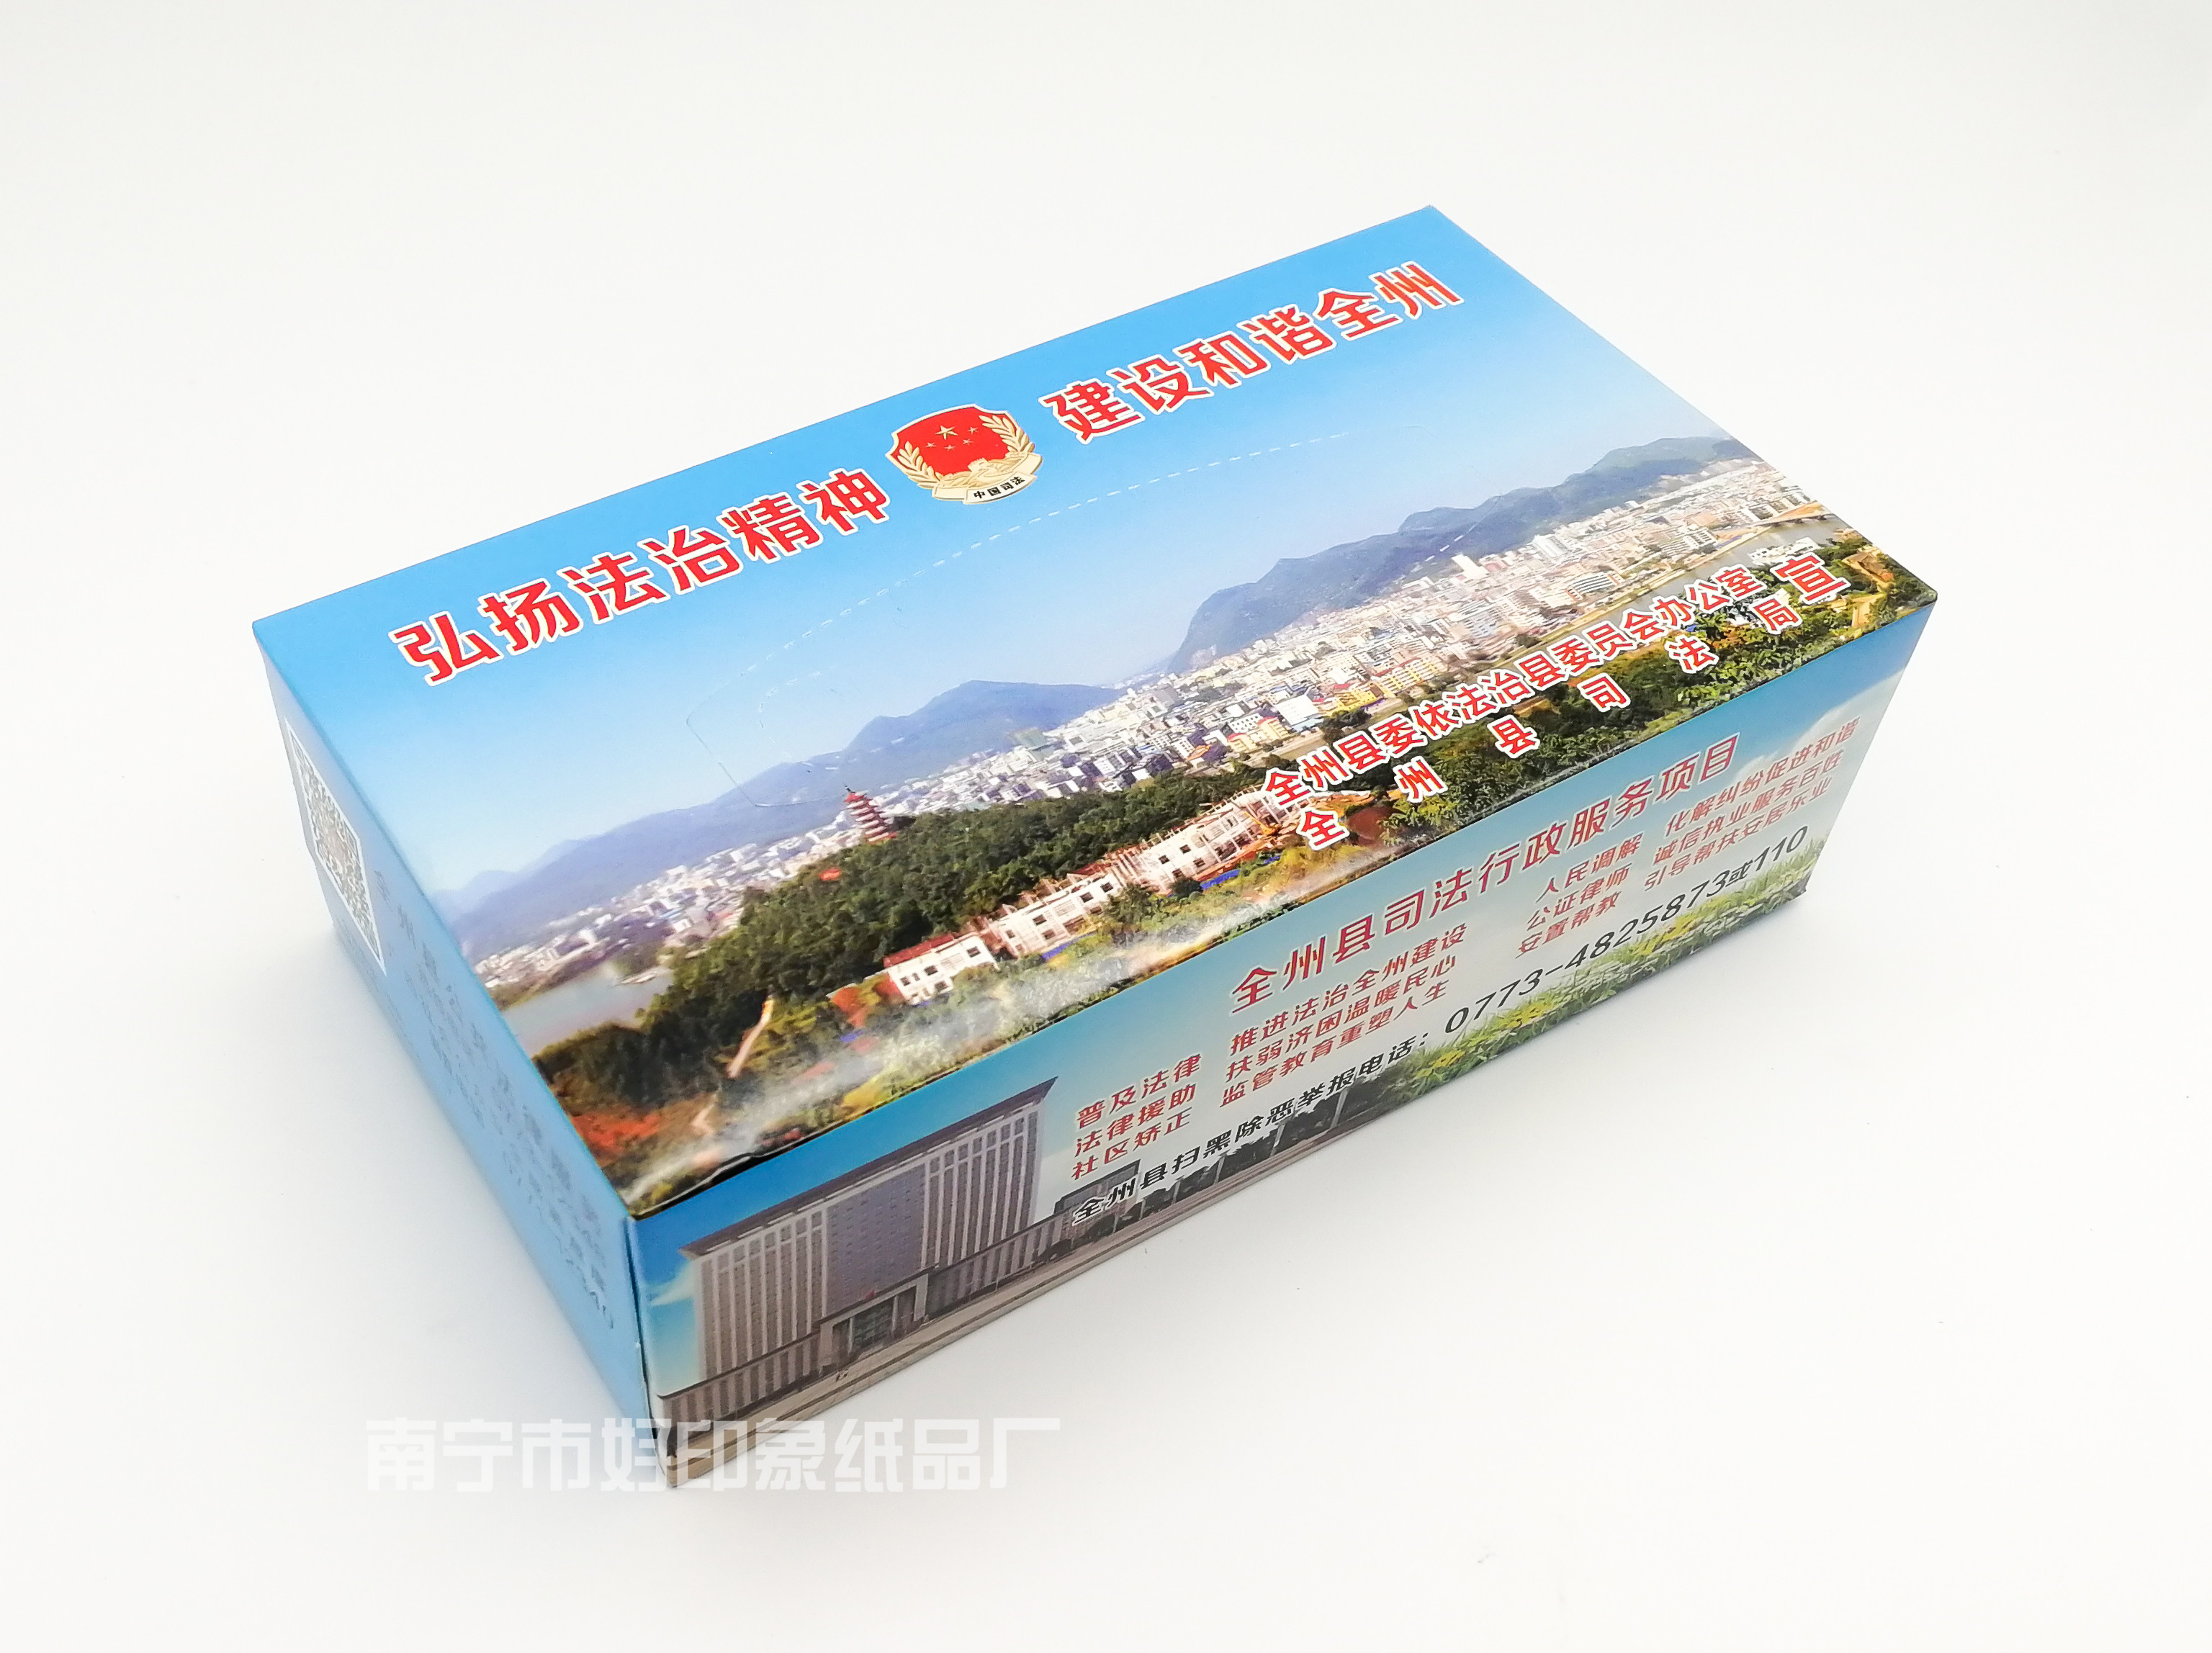 桂林全州县司法局广告盒抽纸巾